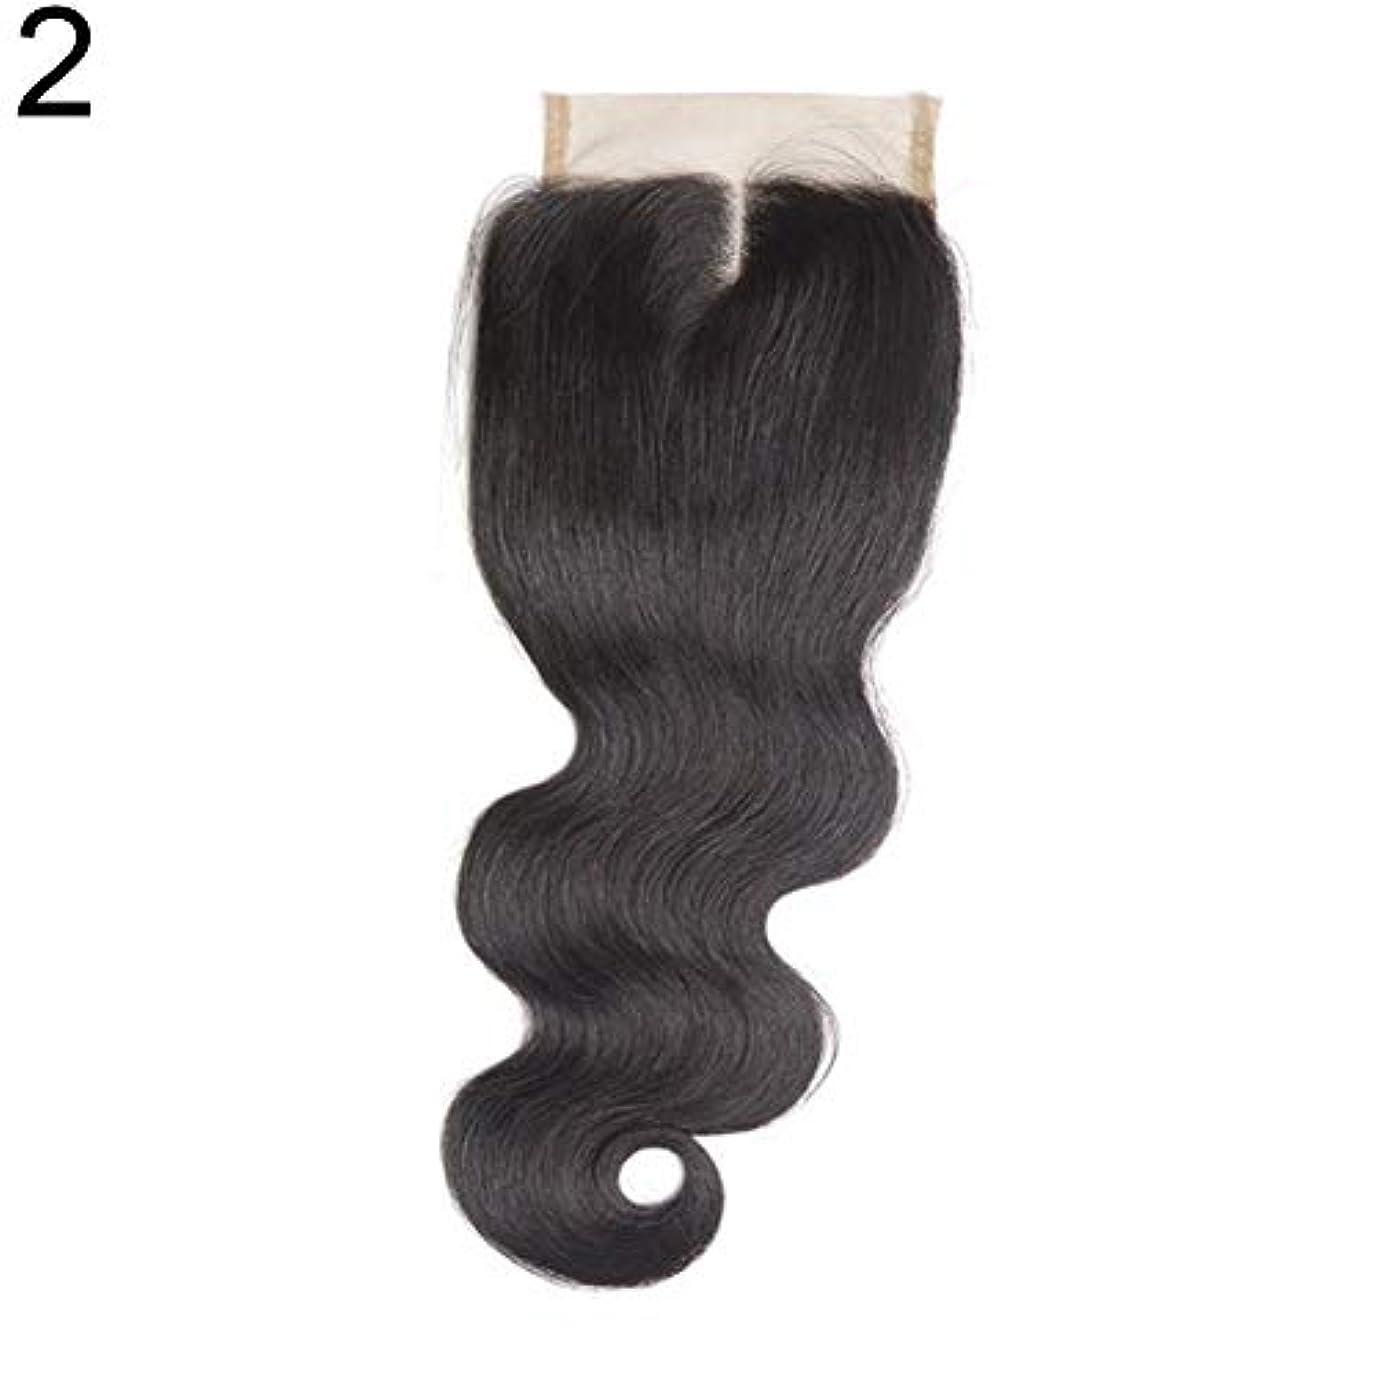 エクステント過半数バターslQinjiansav女性ウィッグ修理ツールブラジルのミドル/フリー/3部人間の髪のレース閉鎖ウィッグ黒ヘアピース